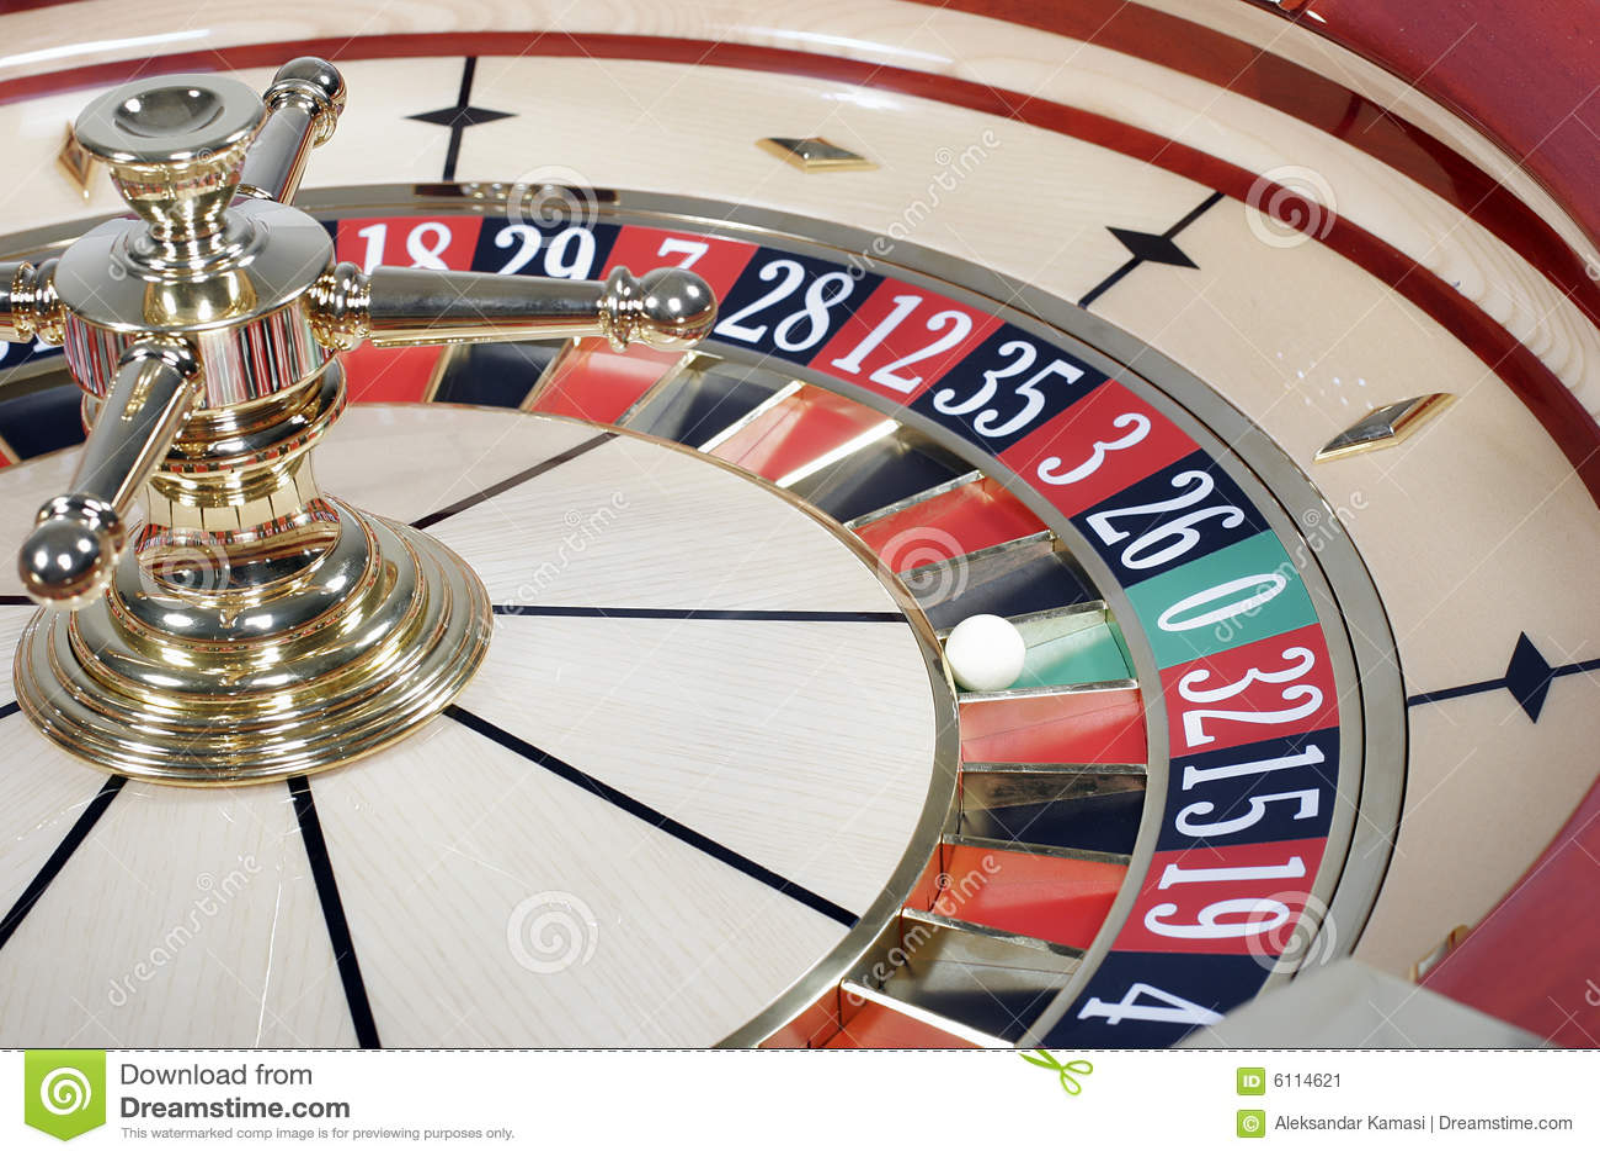 kazino-ruletka-nazvaniya